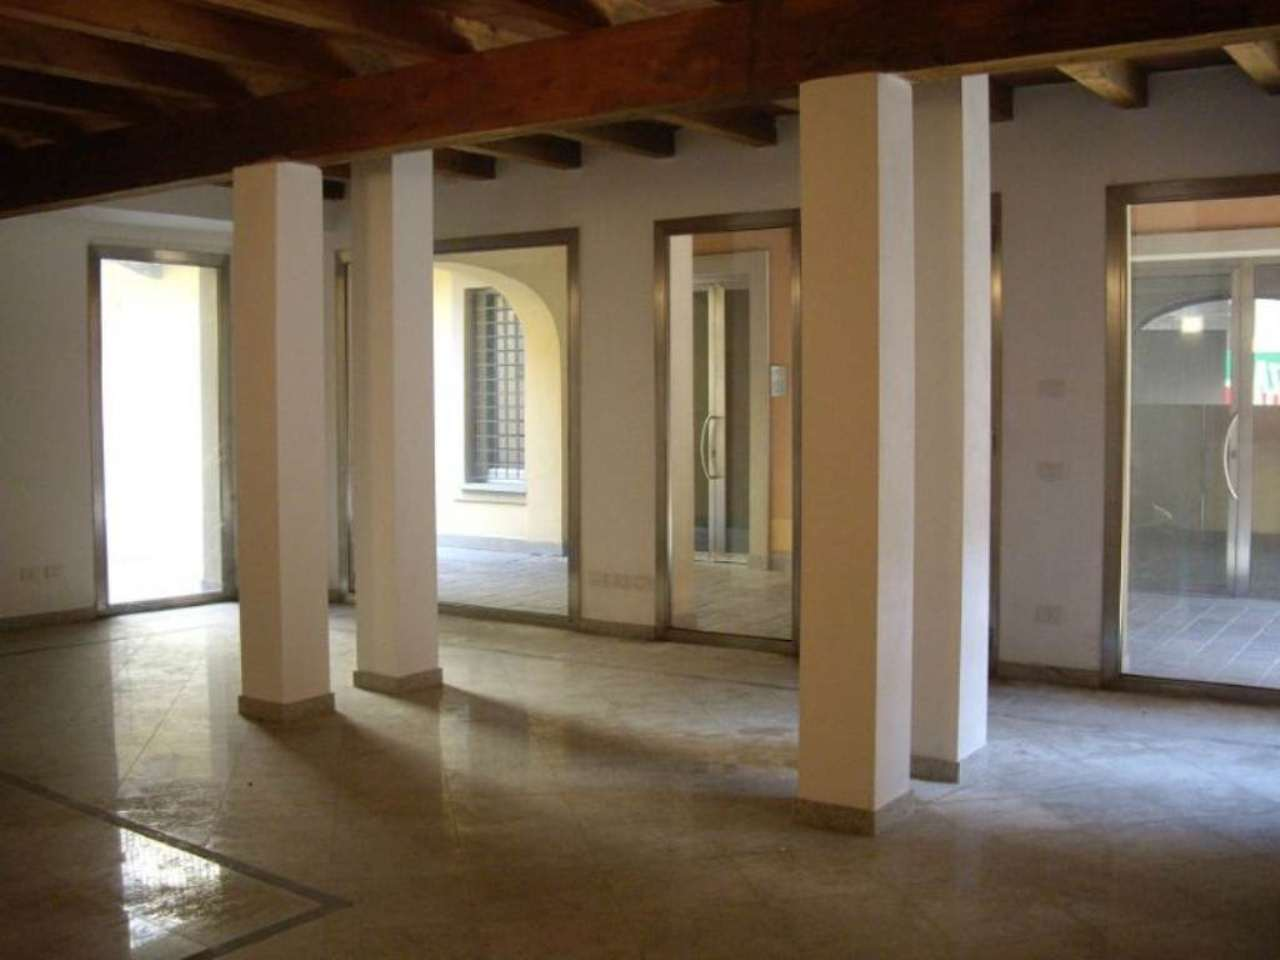 Negozio / Locale in affitto a Treviglio, 1 locali, prezzo € 834 | CambioCasa.it